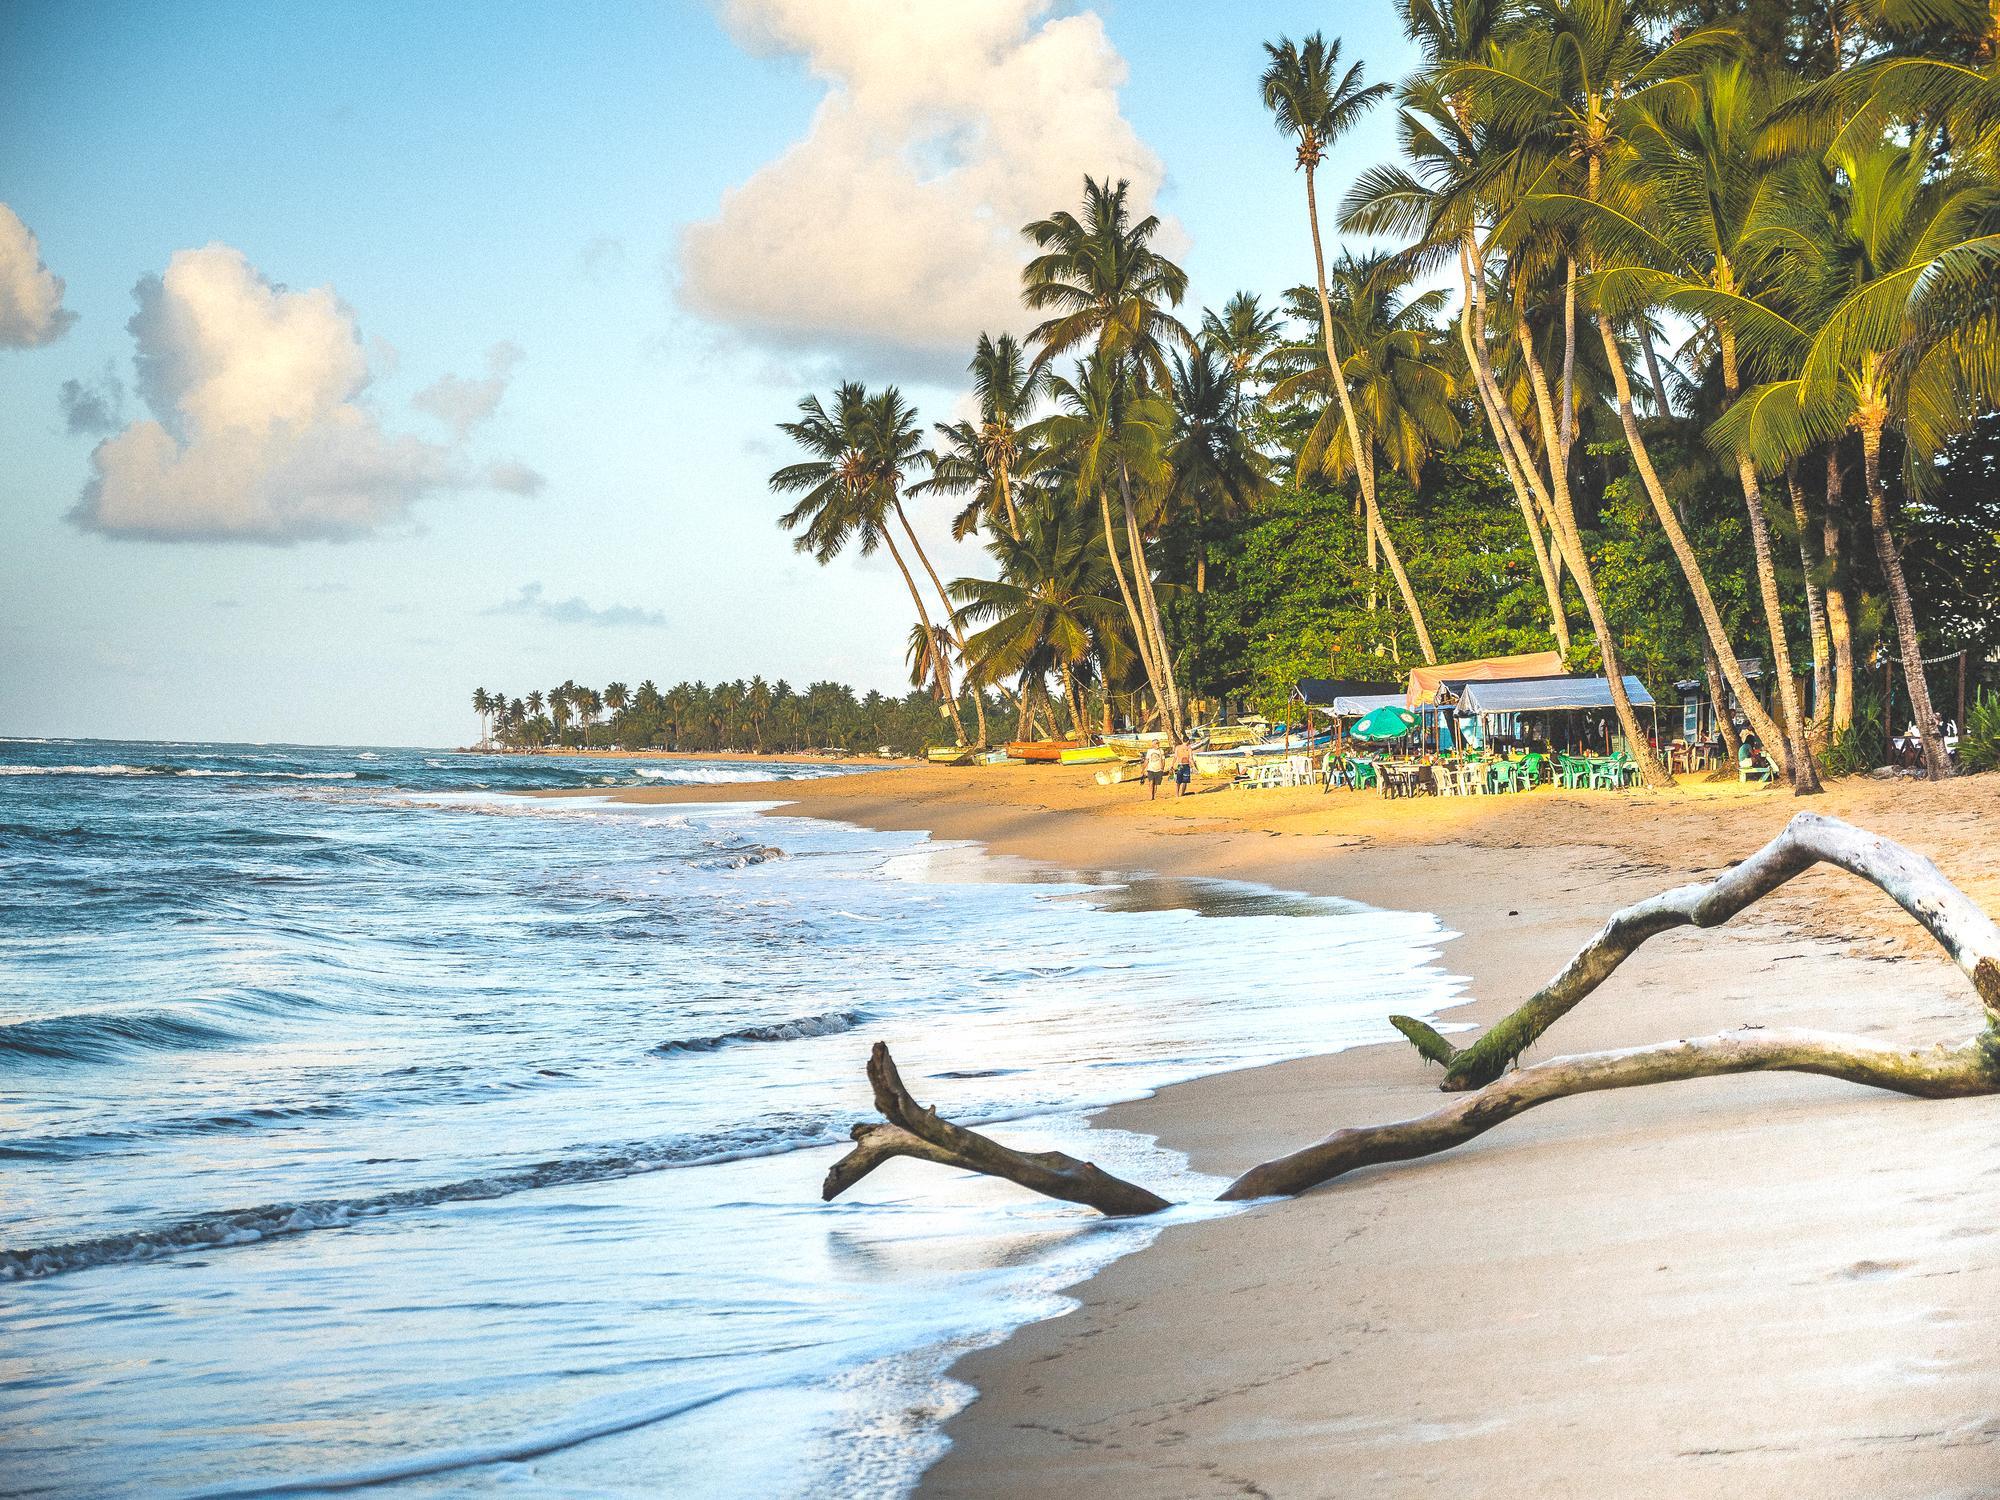 Image Découverte de la baie de Samana en République Dominicaine